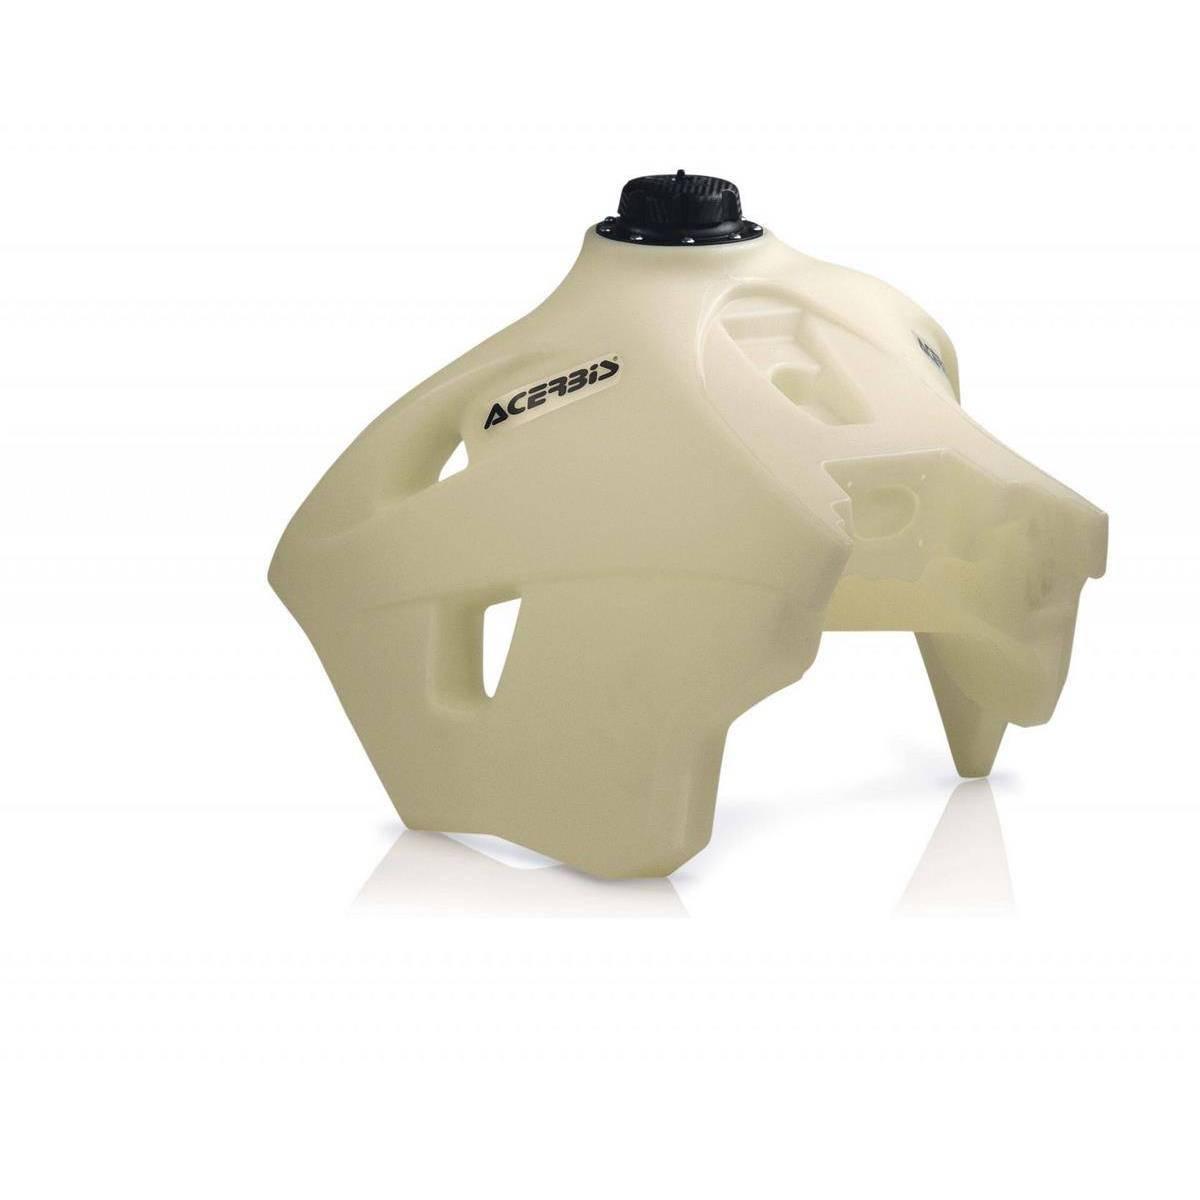 Depósito Acerbis KTM EXC125/200/250/300 12-16 SX125/150 11-15 SX25011-16 15.5Litros TRANSPARENTE